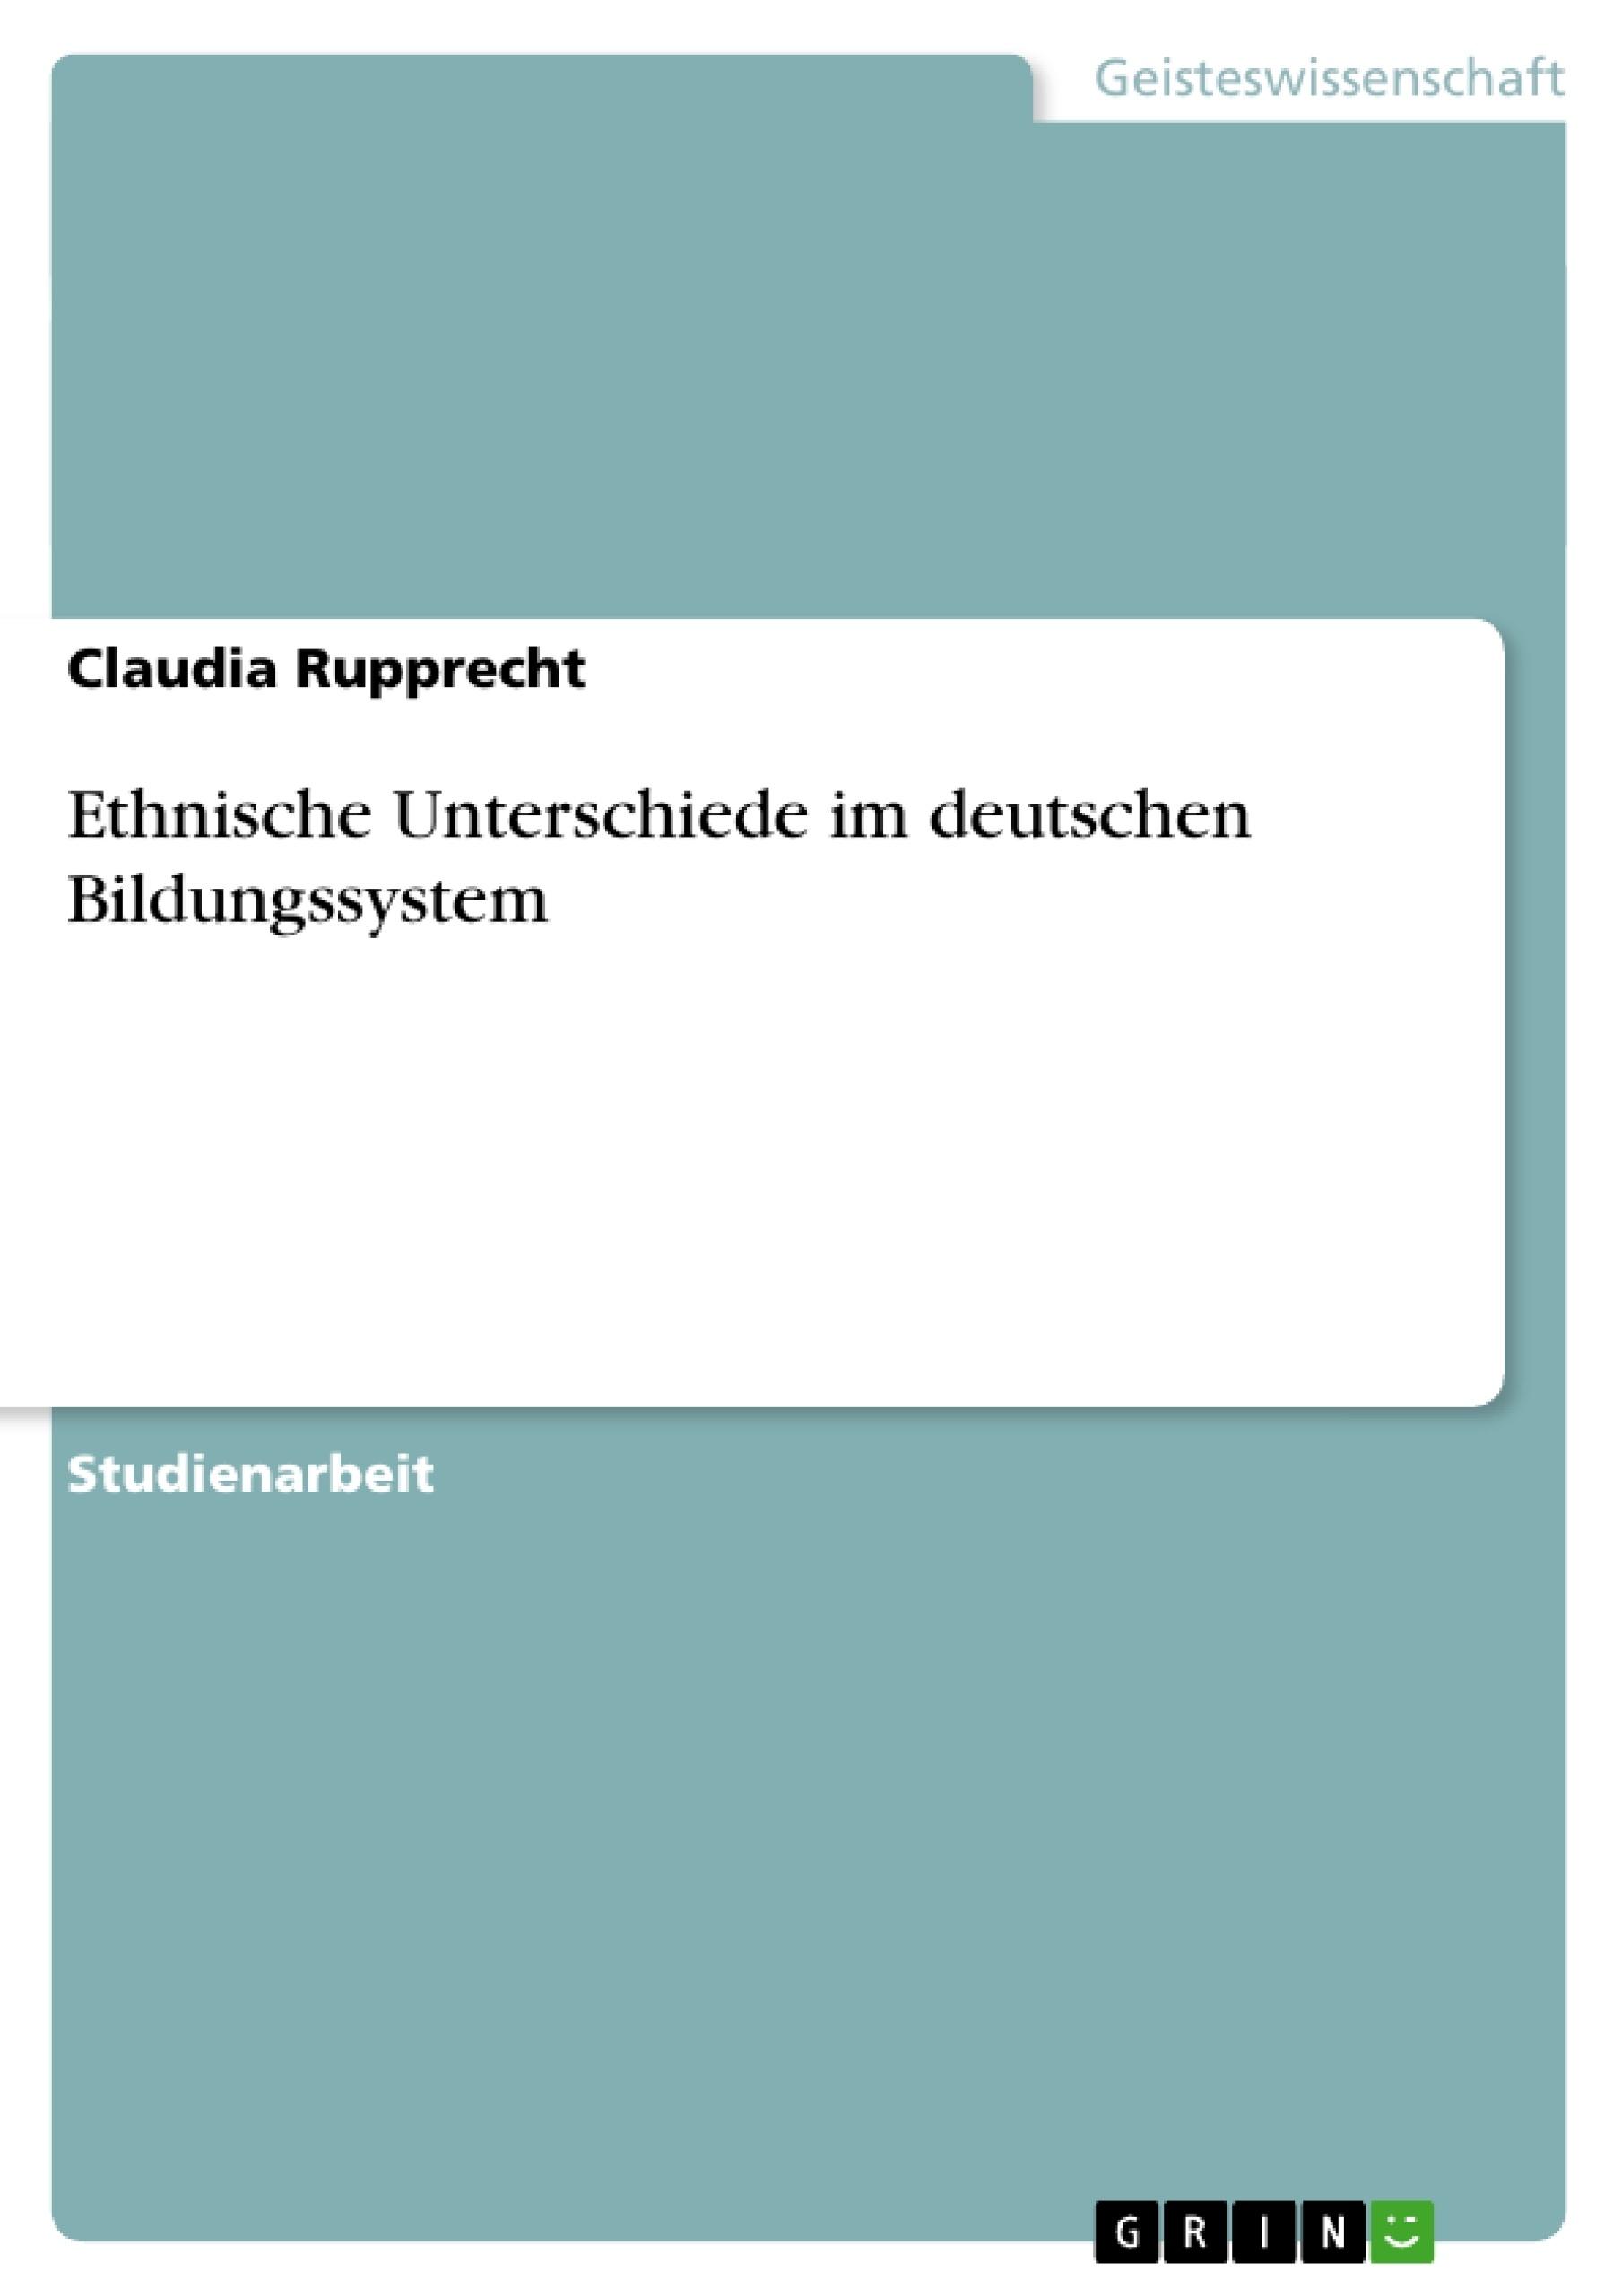 Titel: Ethnische Unterschiede im deutschen Bildungssystem